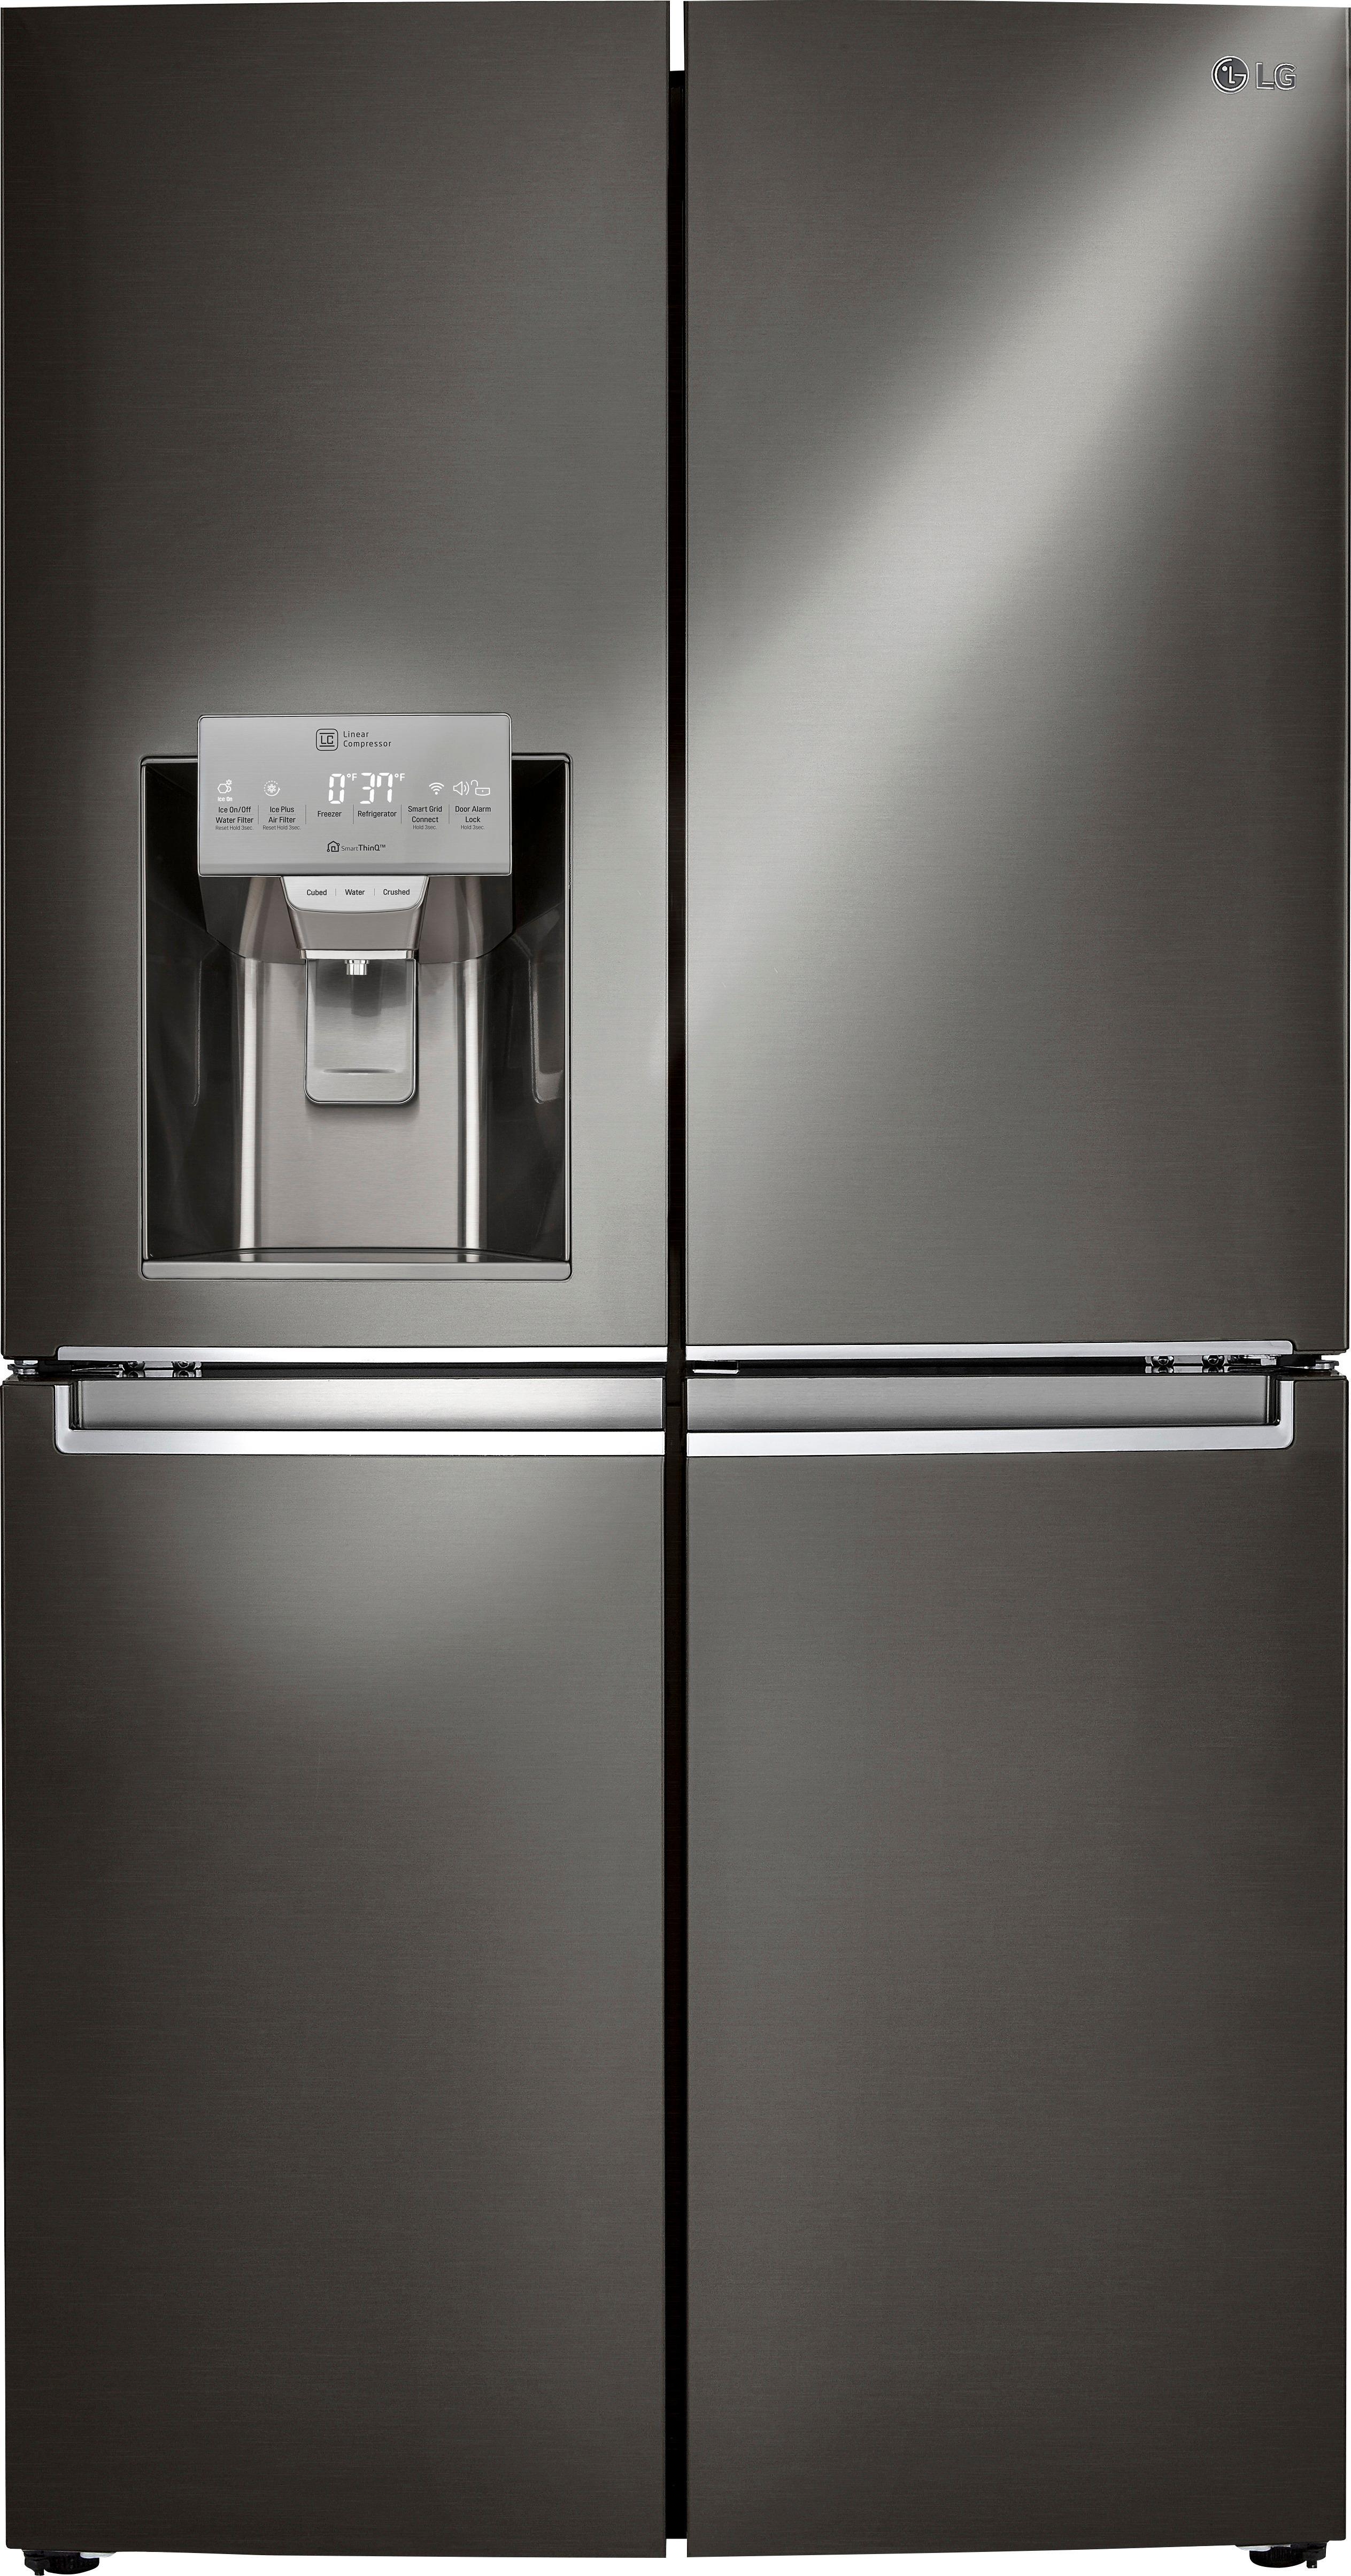 LG - 22.7 Cu. Ft. 4-Door French Door-in-Door Counter-Depth Smart Wi-Fi Enabled Refrigerator - Black stainless steel largeFrontImage